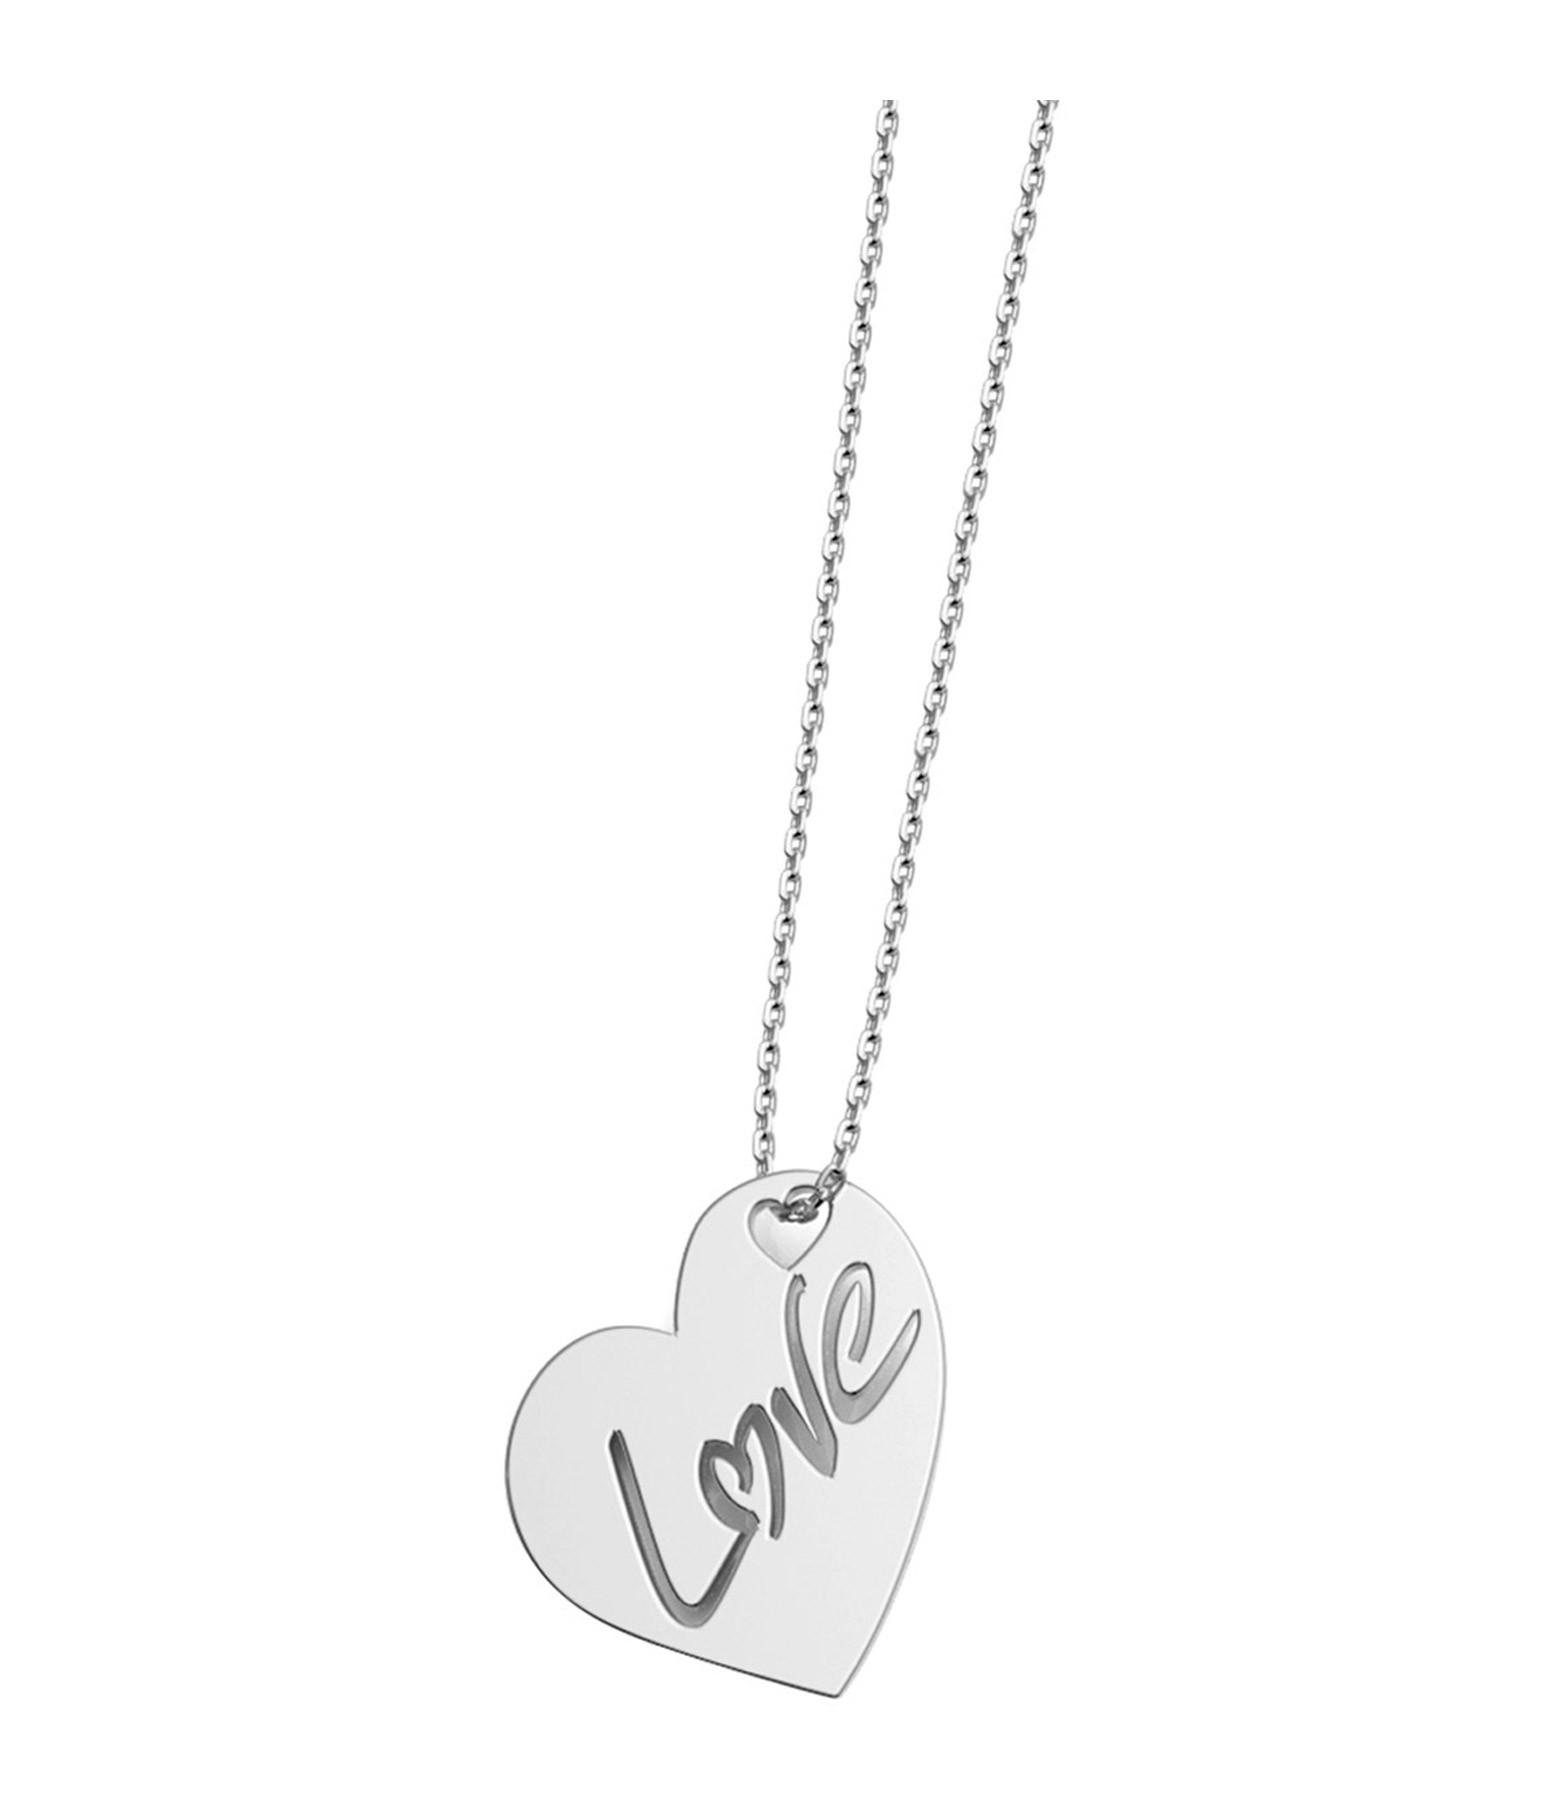 NAVA JOAILLERIE - Collier Cœr Love L Diamants Or Blanc